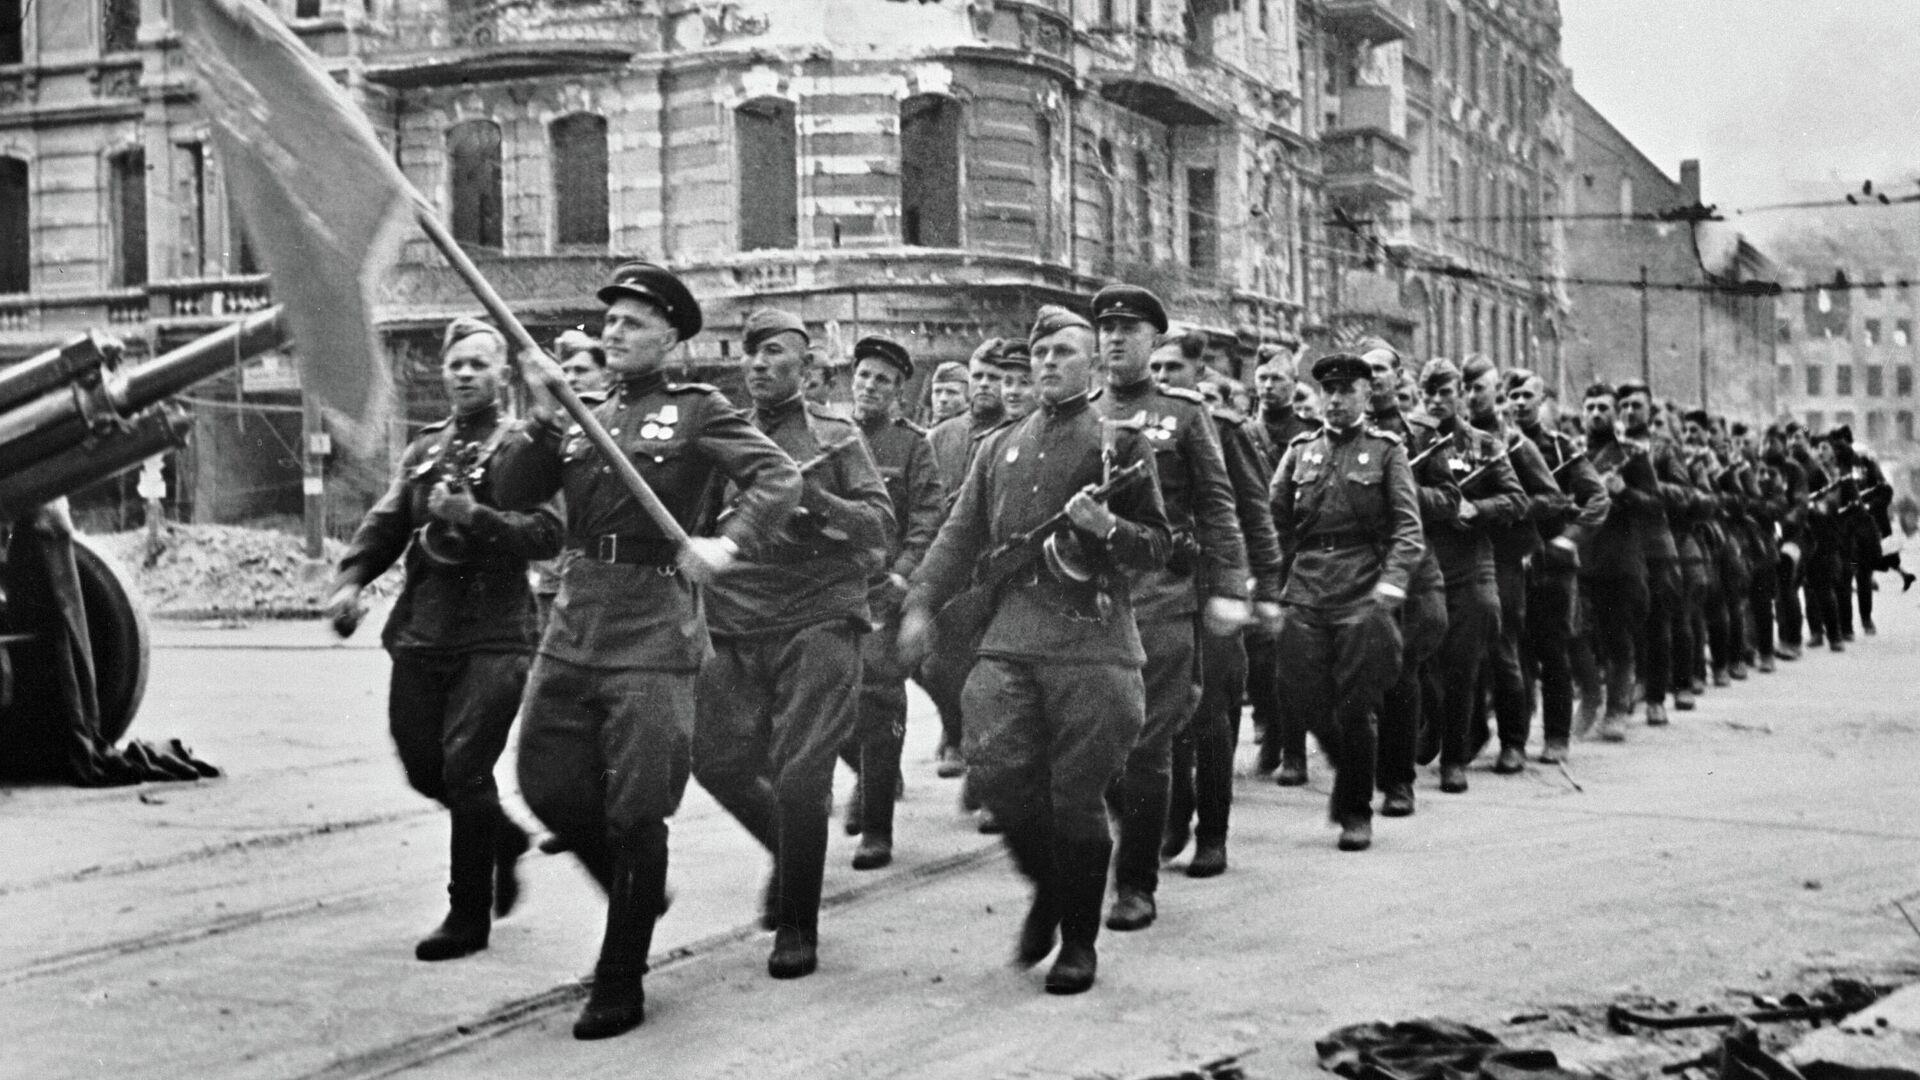 Колонна советских воинов марширует по берлинским улицам, 7 сентября 1945 - РИА Новости, 1920, 04.05.2021